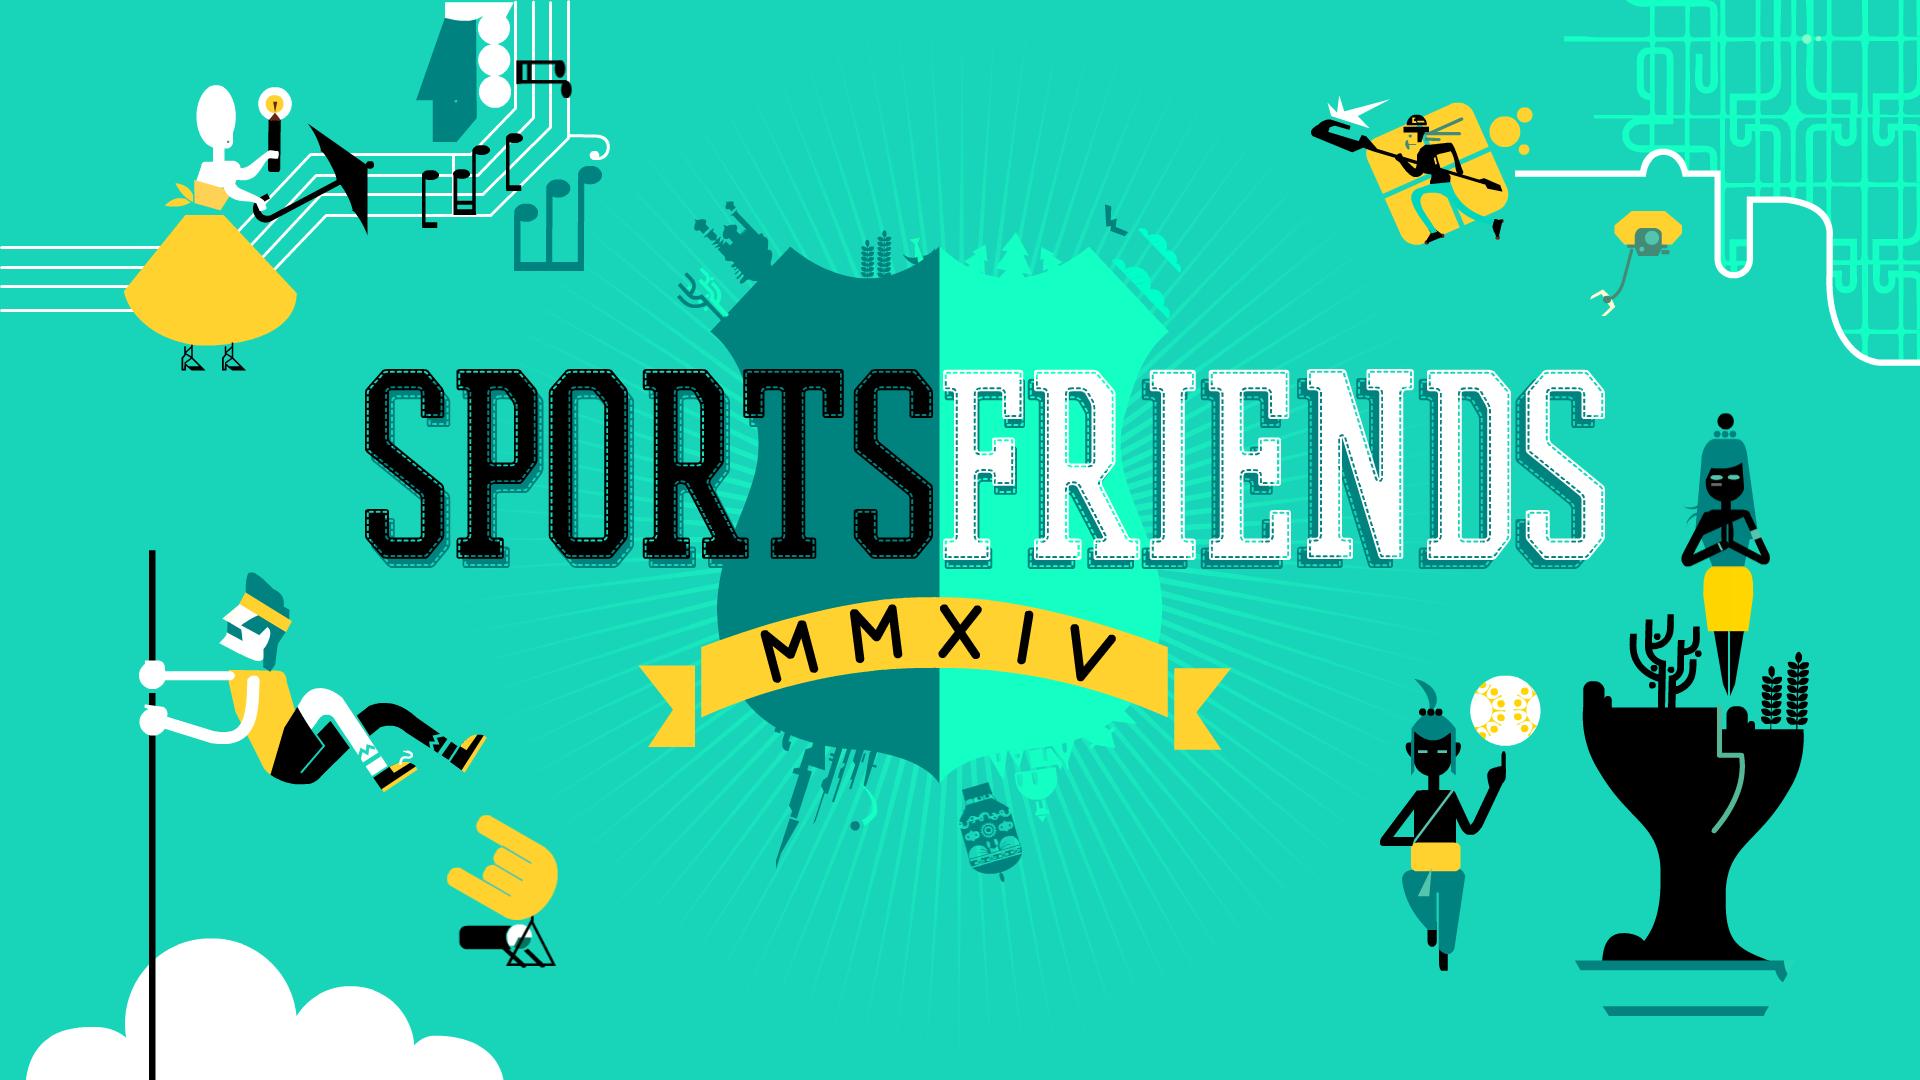 Sportsfriends - 2014